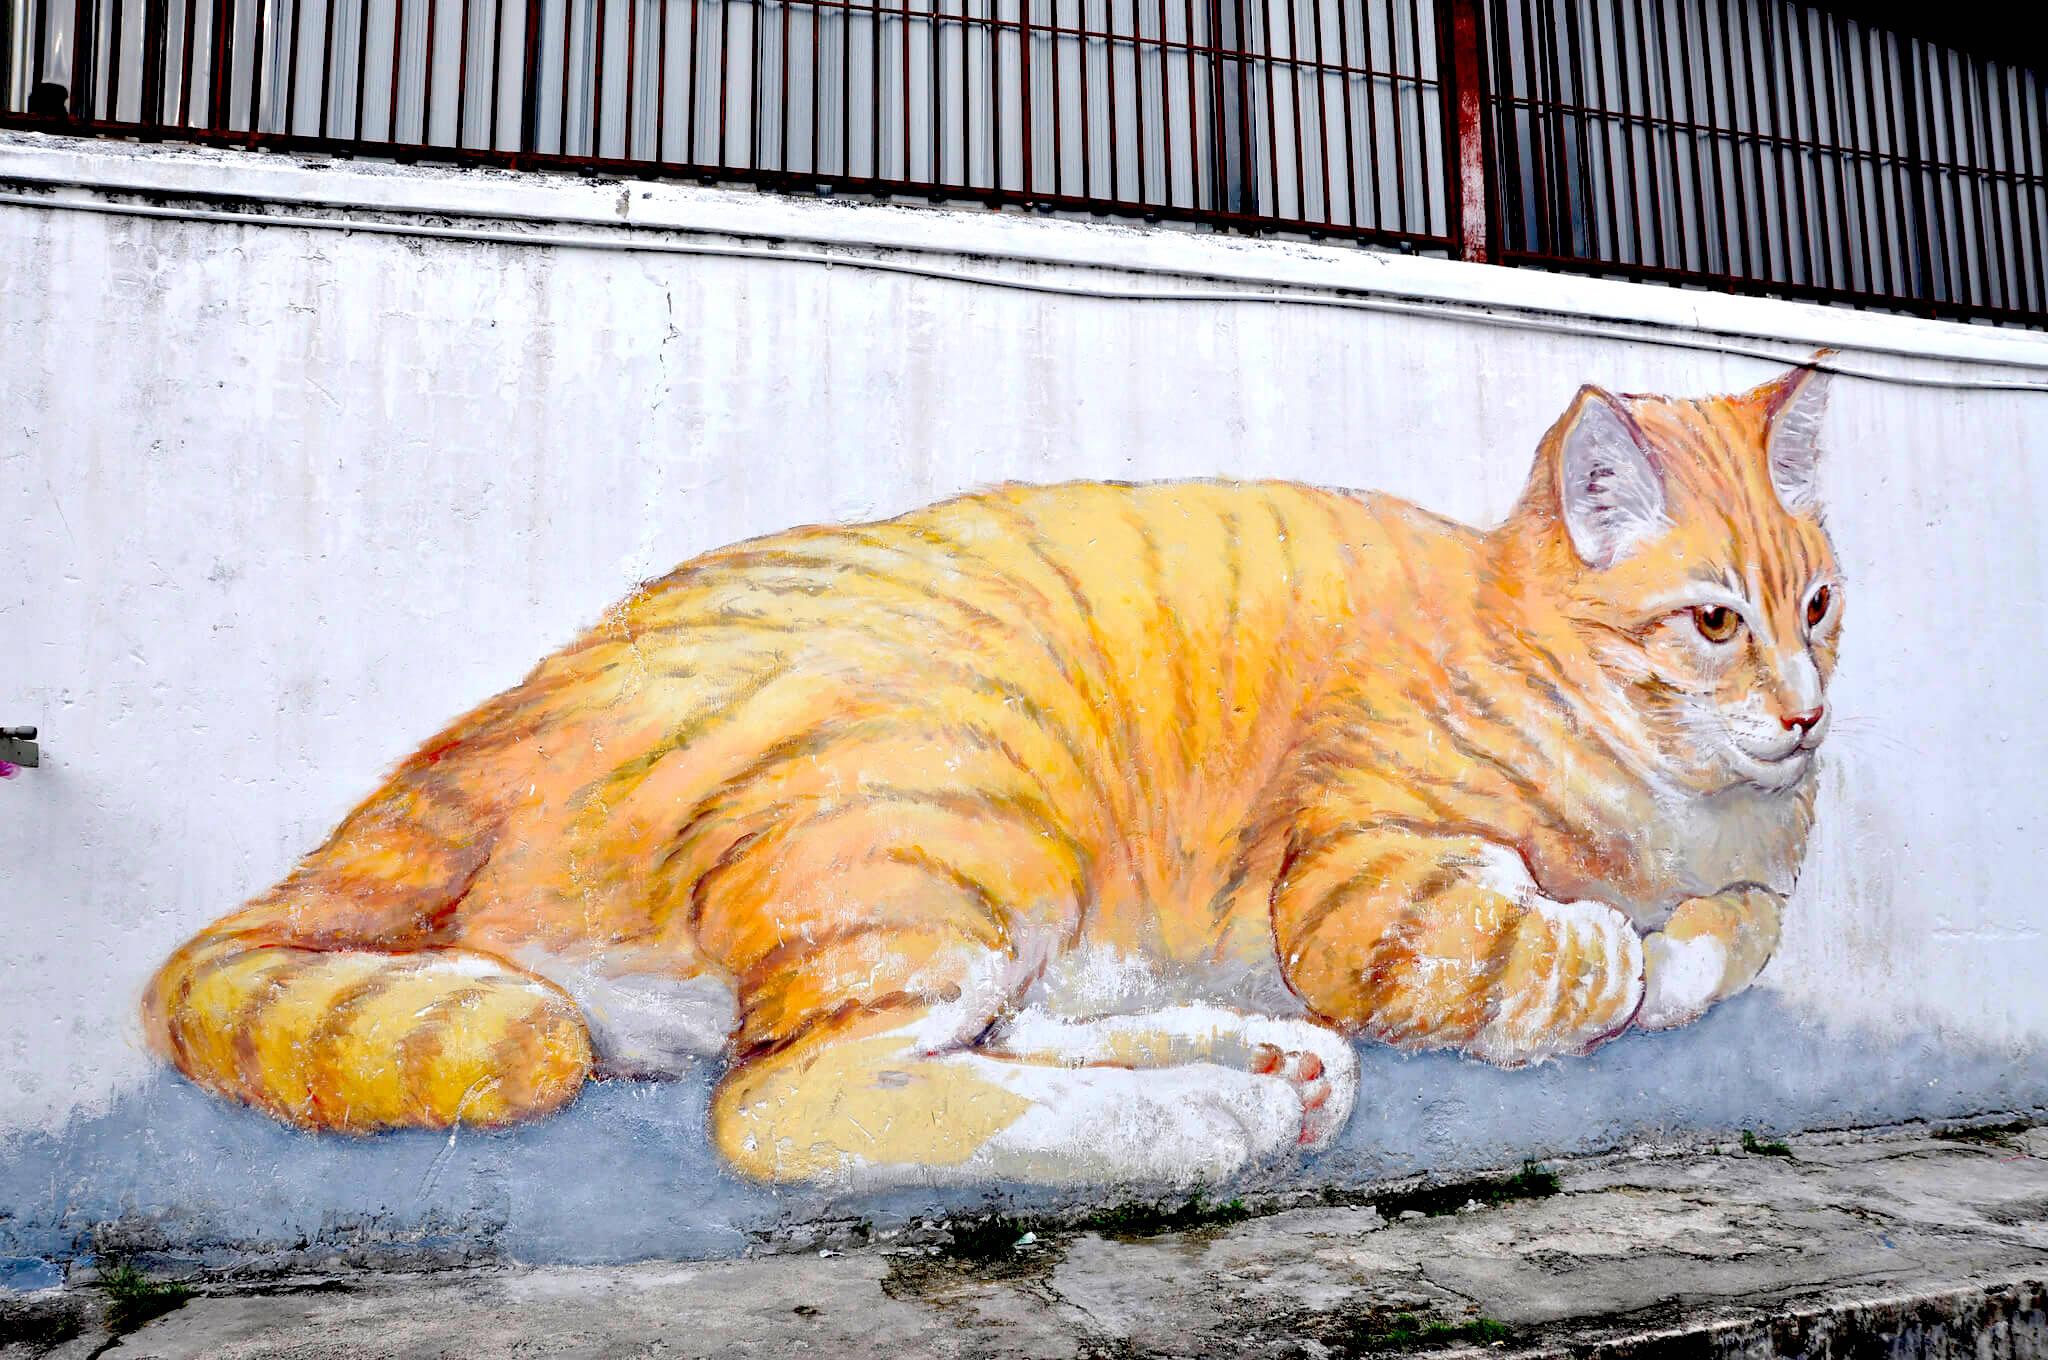 The Best Street Art in George Town, Penang